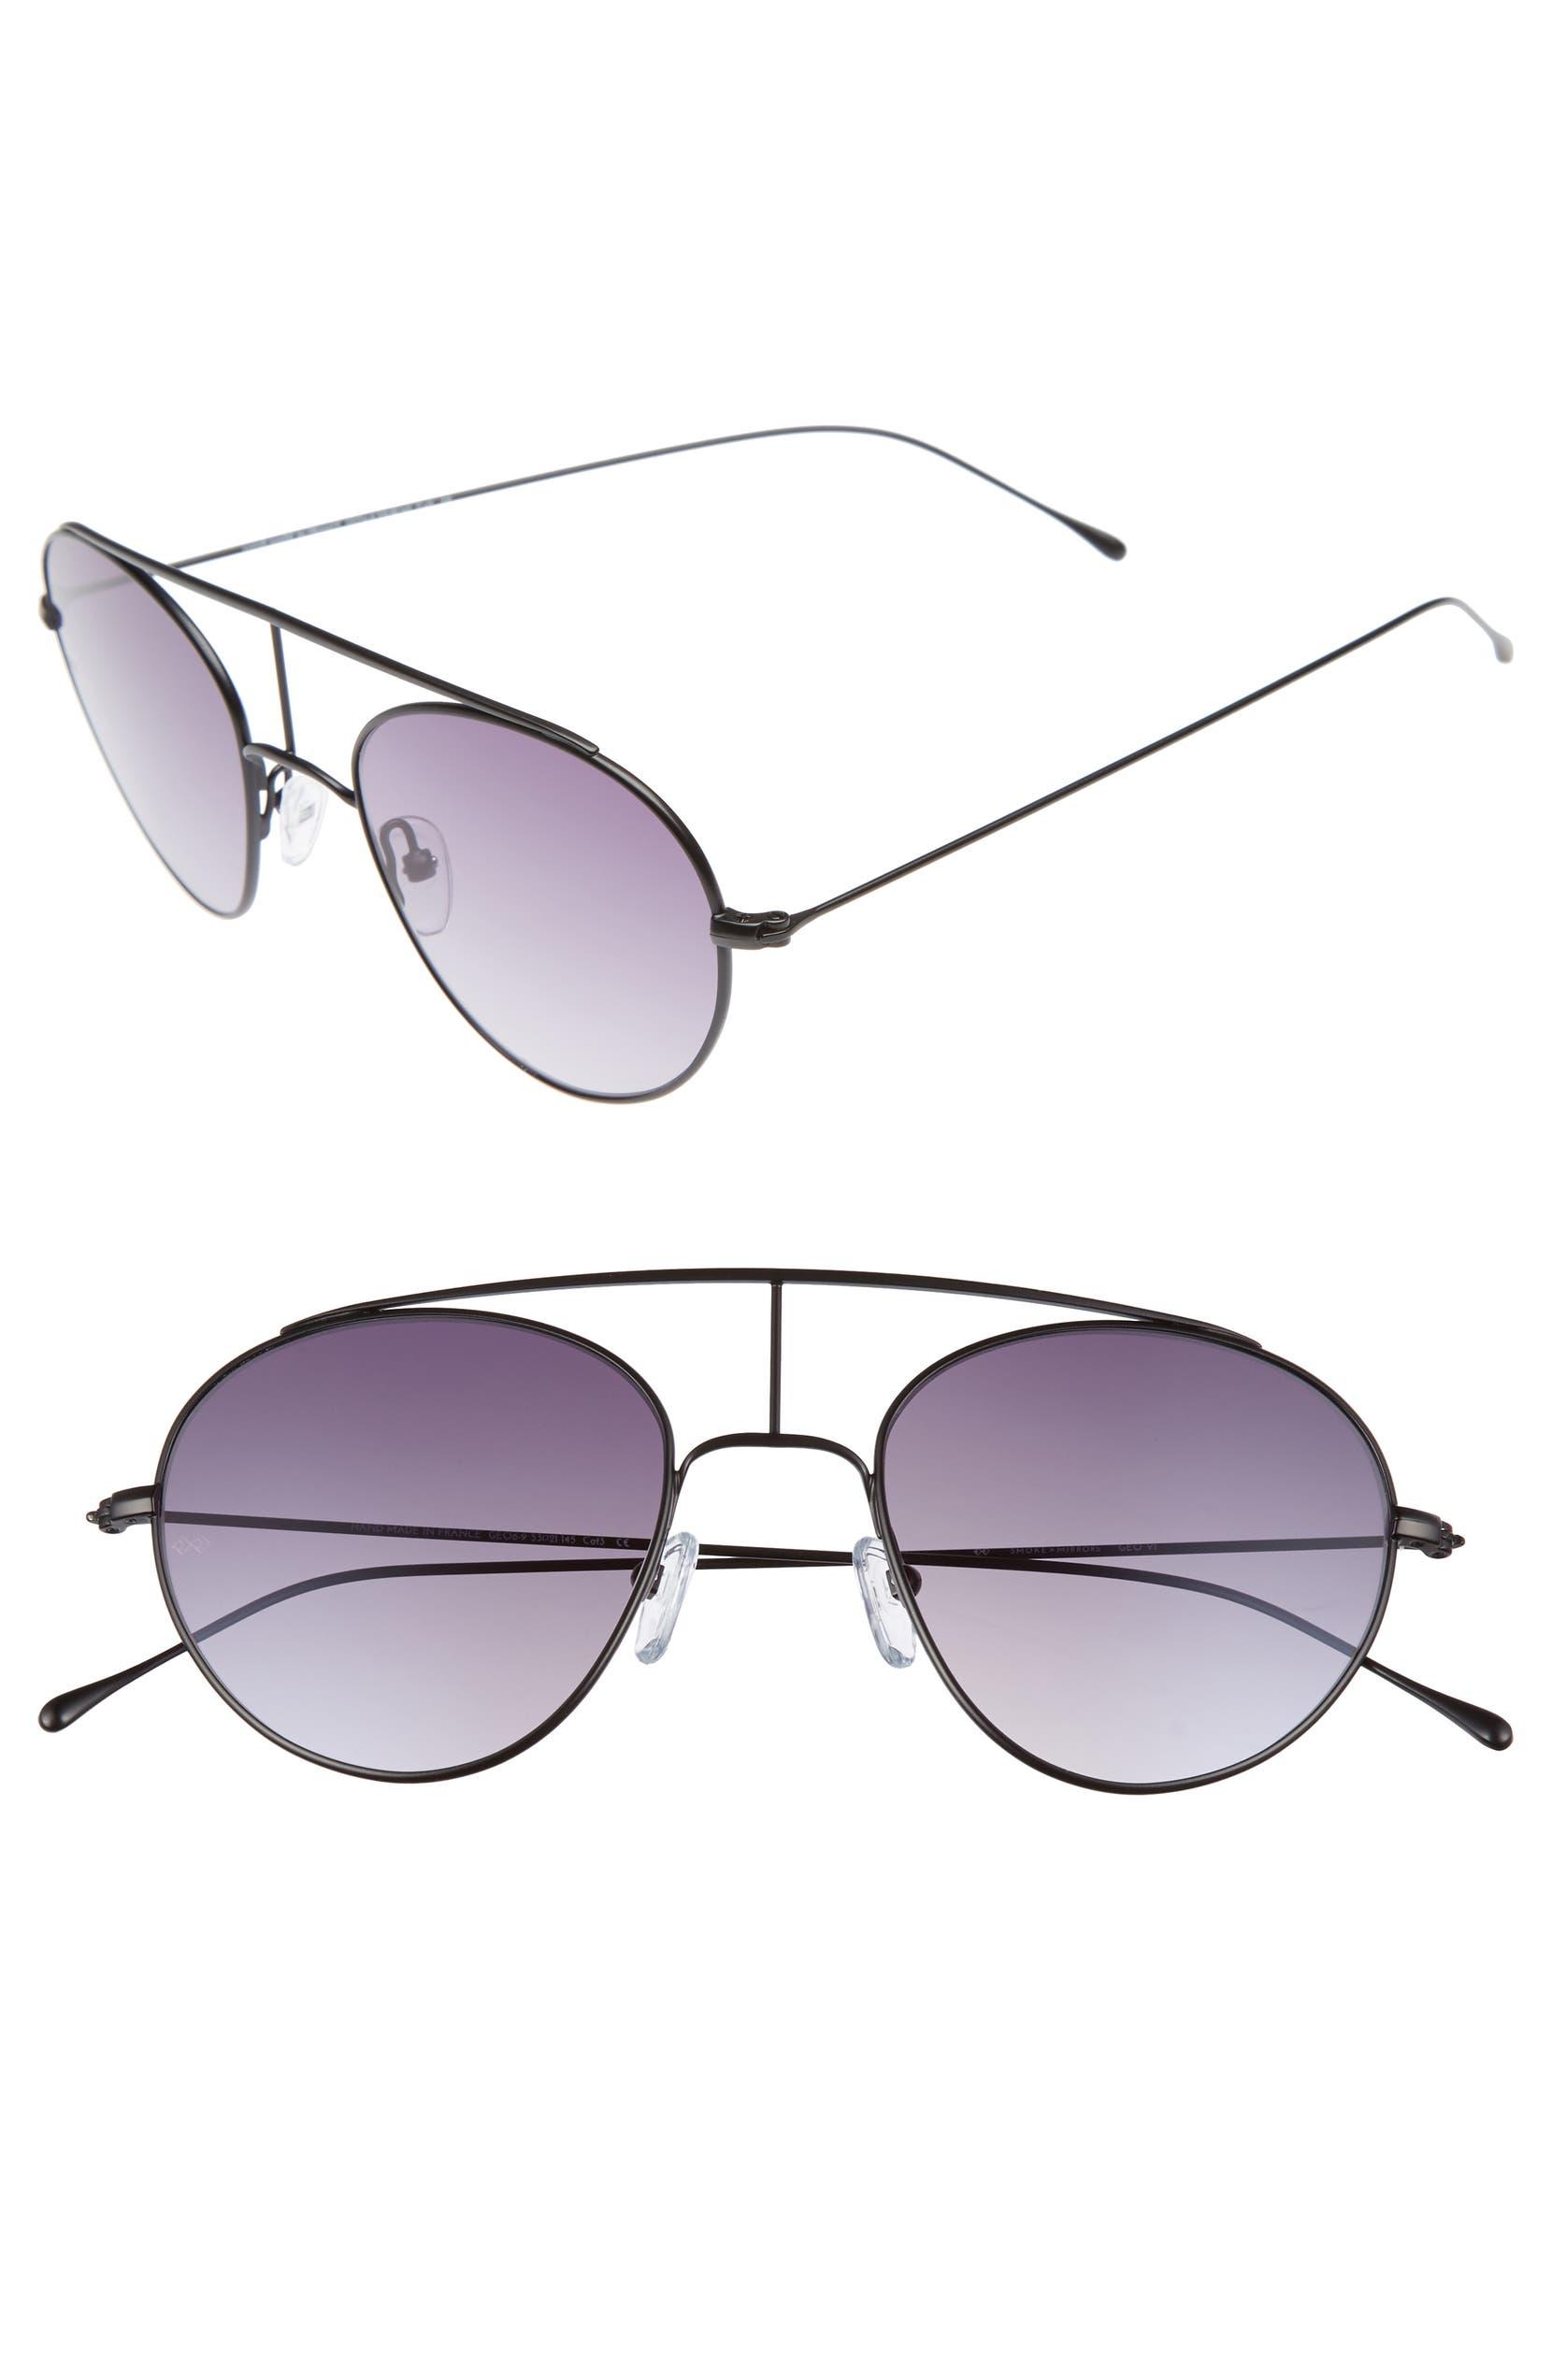 5ead2553da SMOKE X MIRRORS Geo 6 53mm Retro Sunglasses